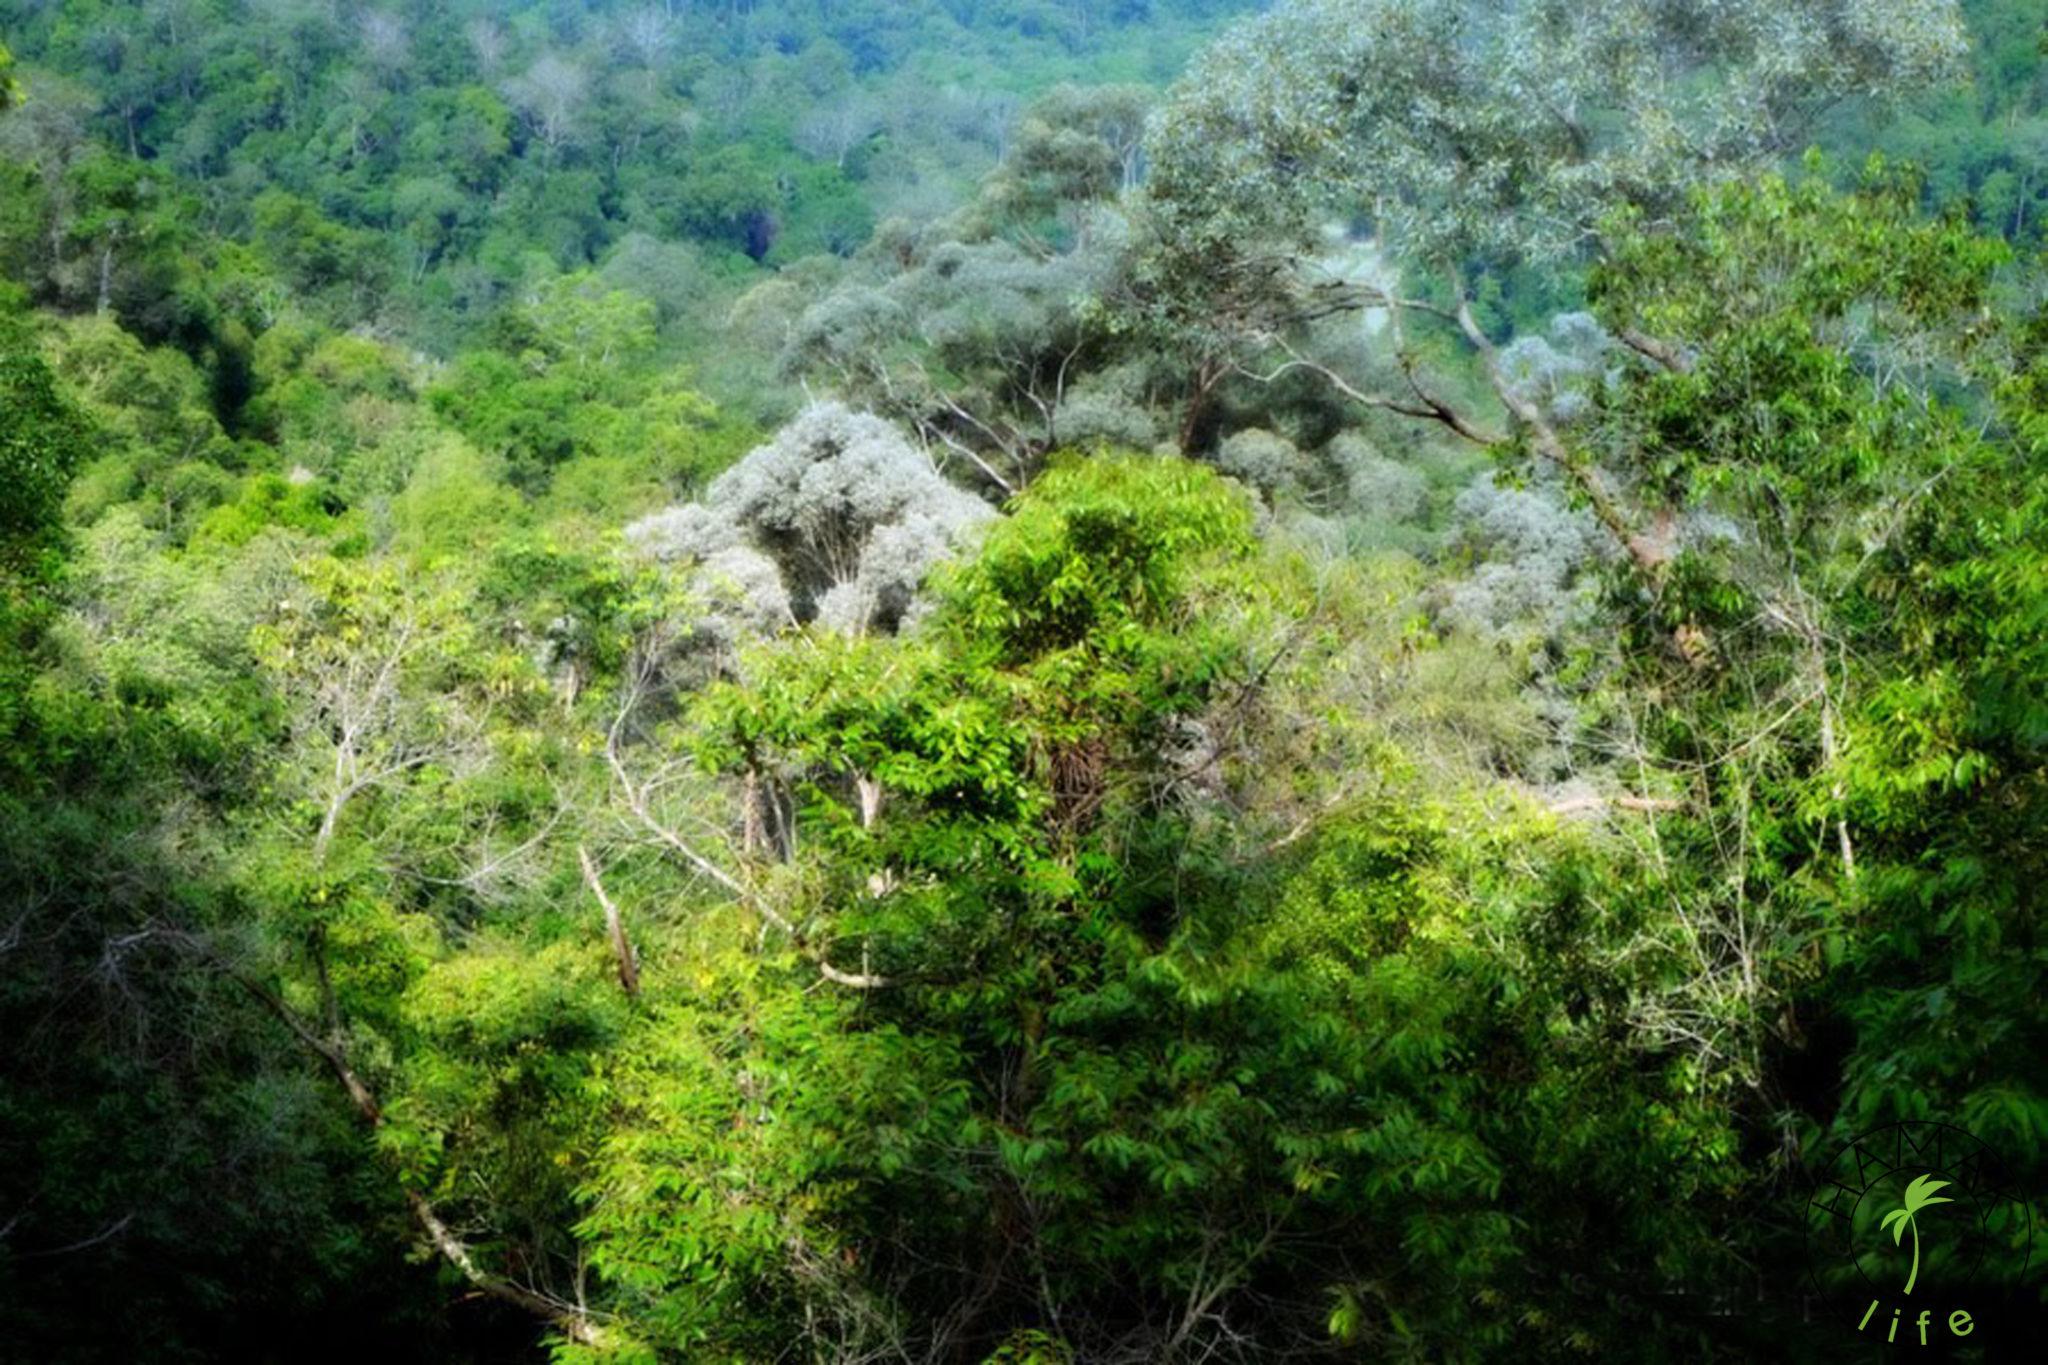 Taman Negara w Malezji - dżungla widziana z góry